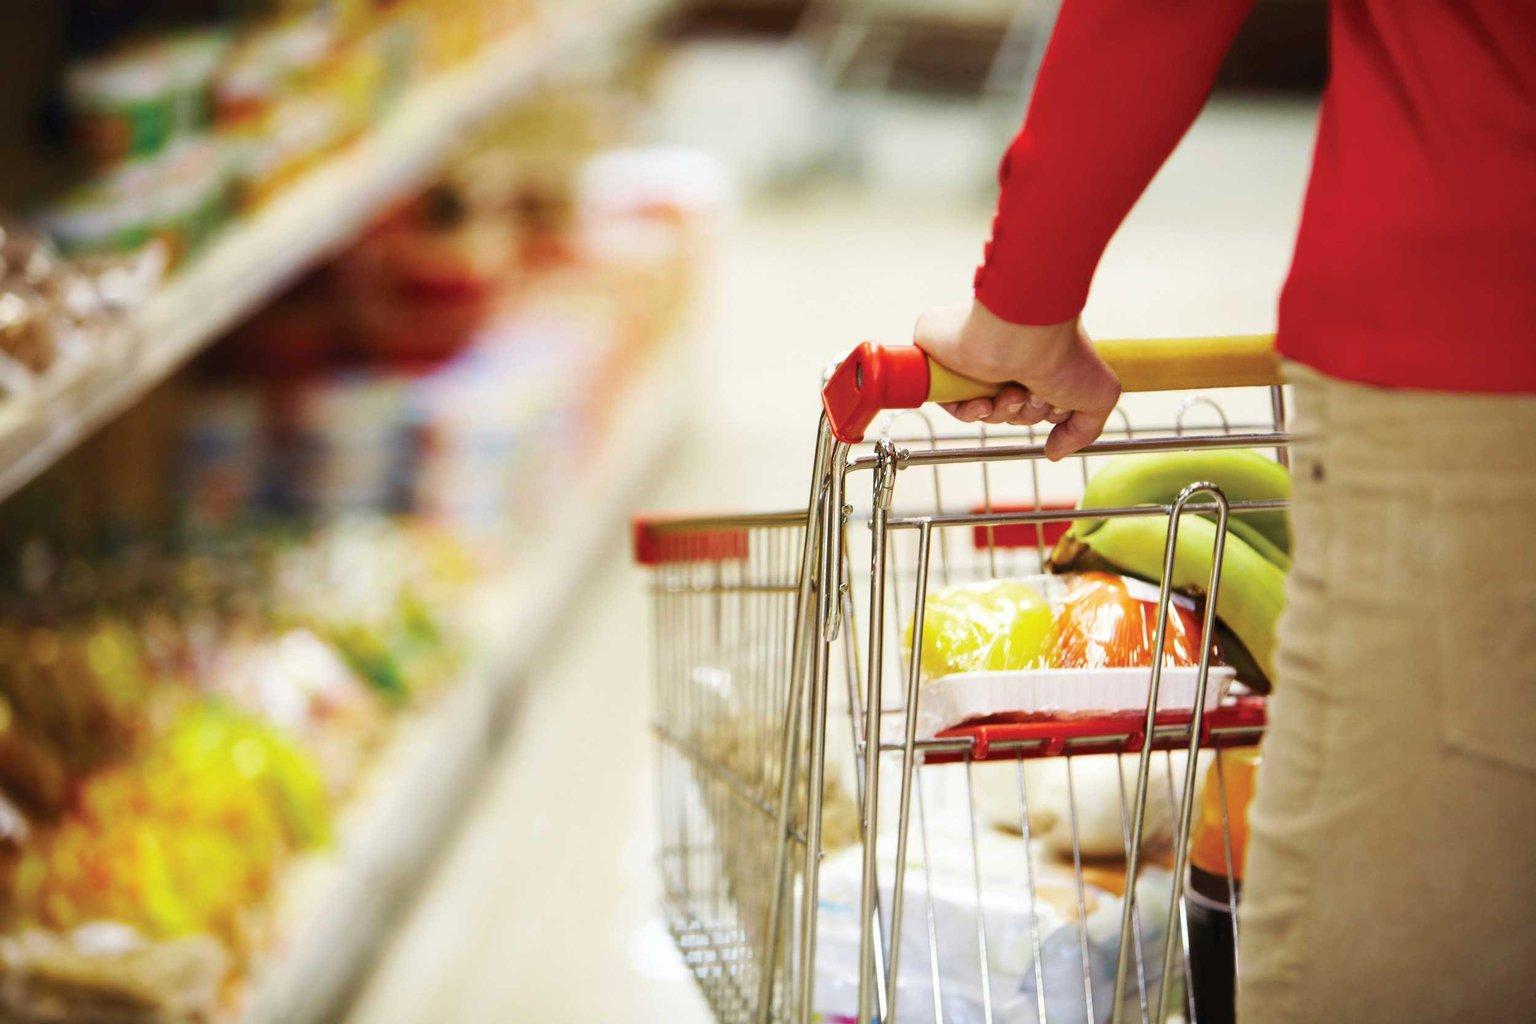 Perché non svuotiamo mai il carrello del supermercato